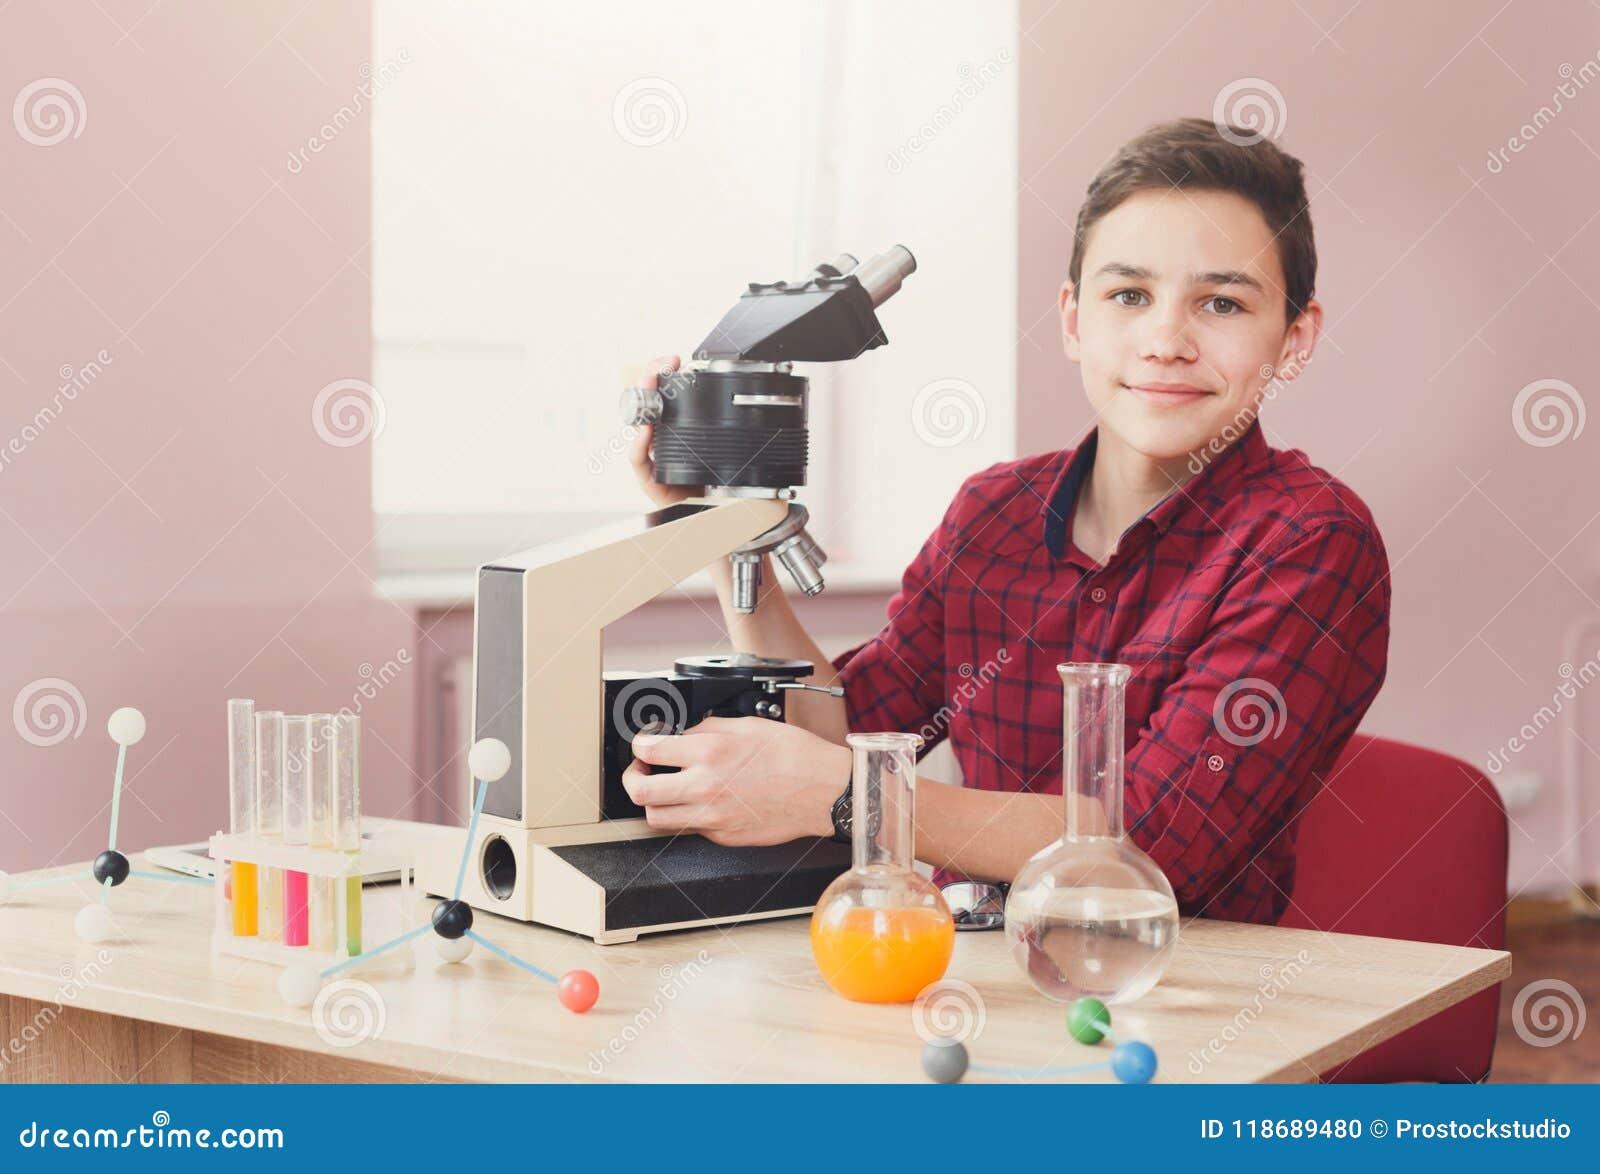 Skolpojke som ser i mikroskop på kurs